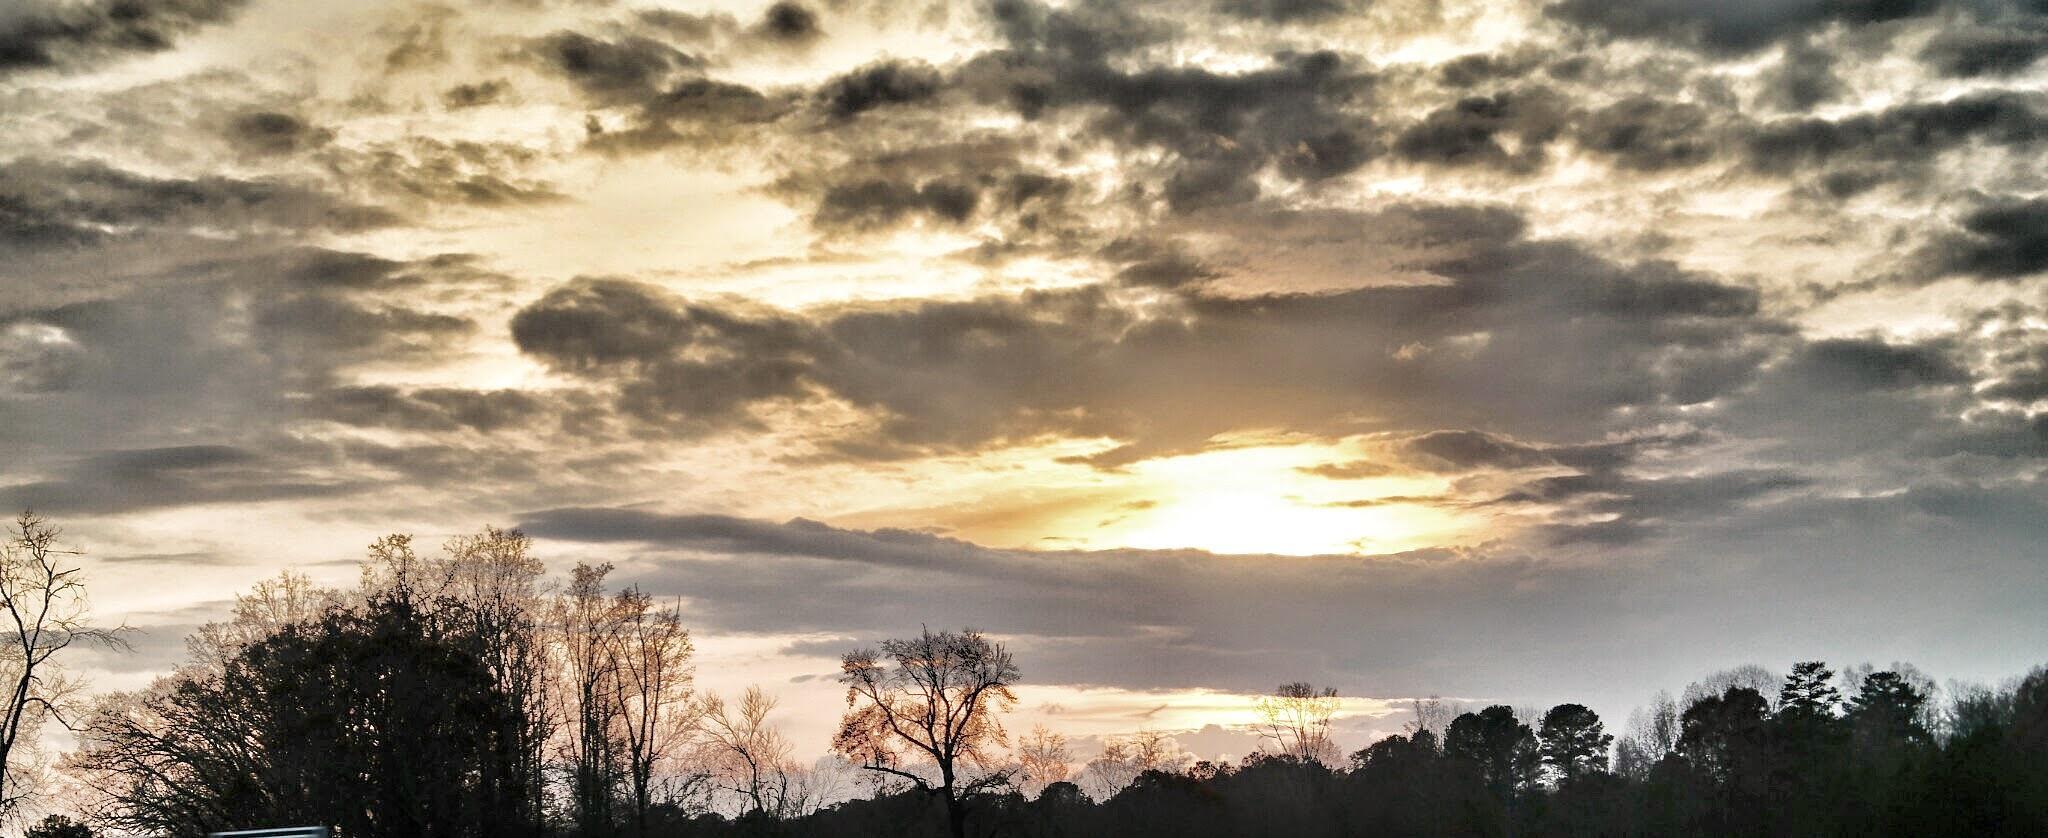 Morning sky by afryans